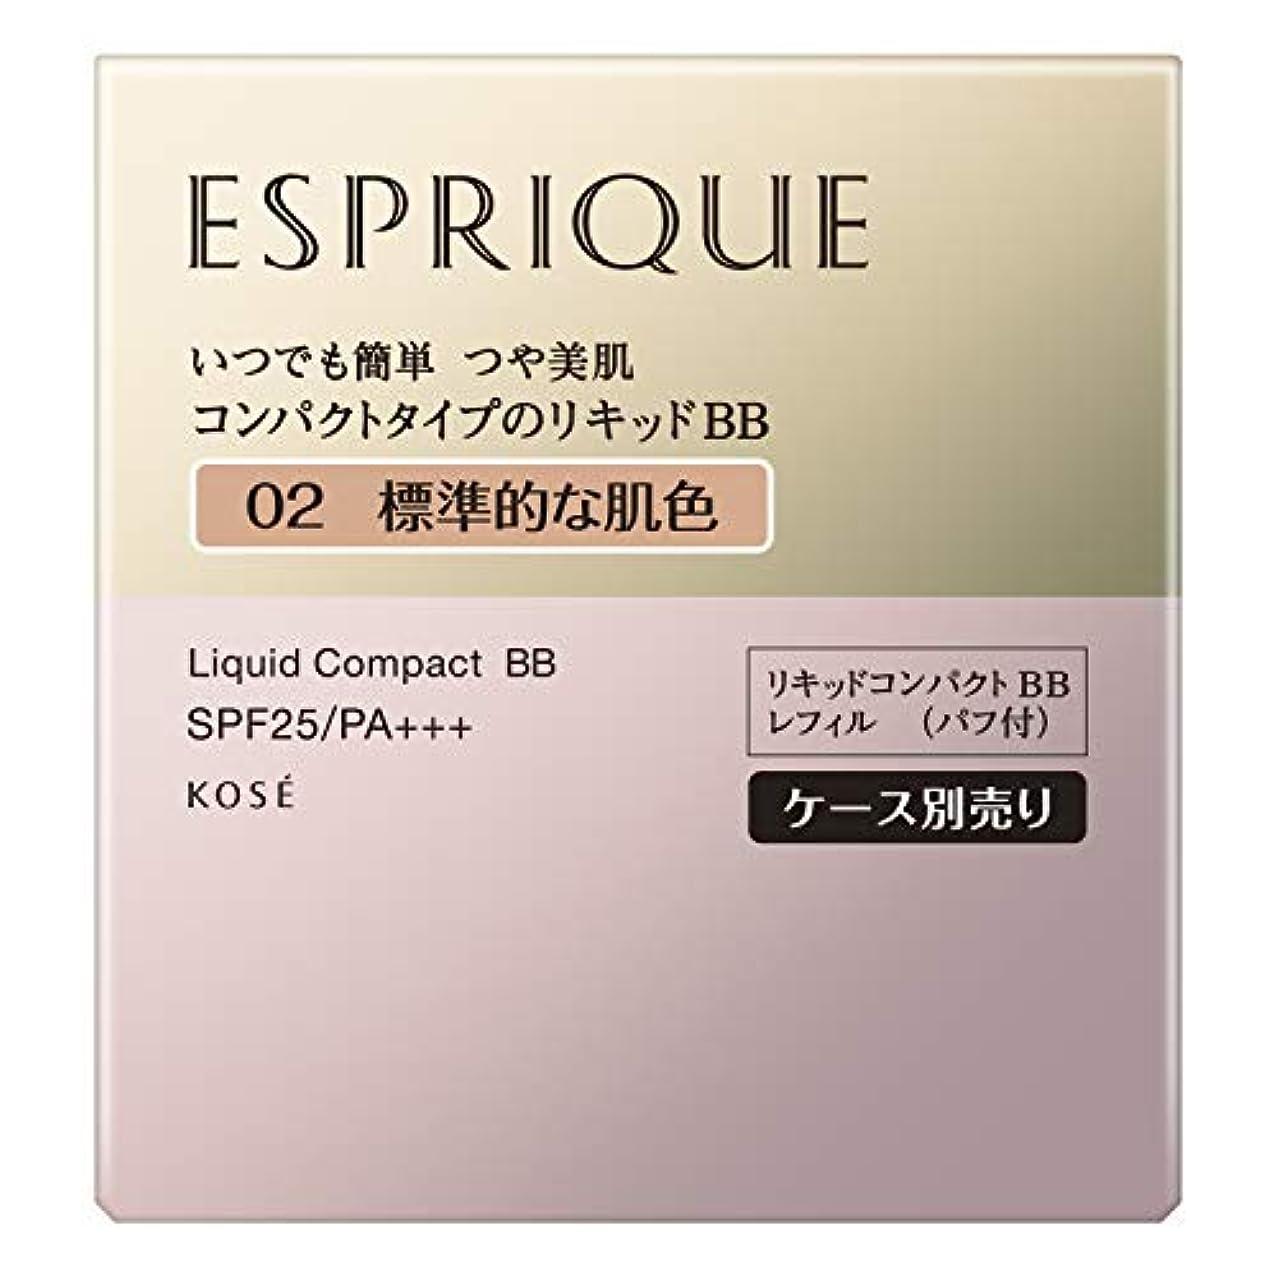 ヒロイック喜ぶ師匠エスプリーク リキッド コンパクト BB 02 標準的な肌色 13g